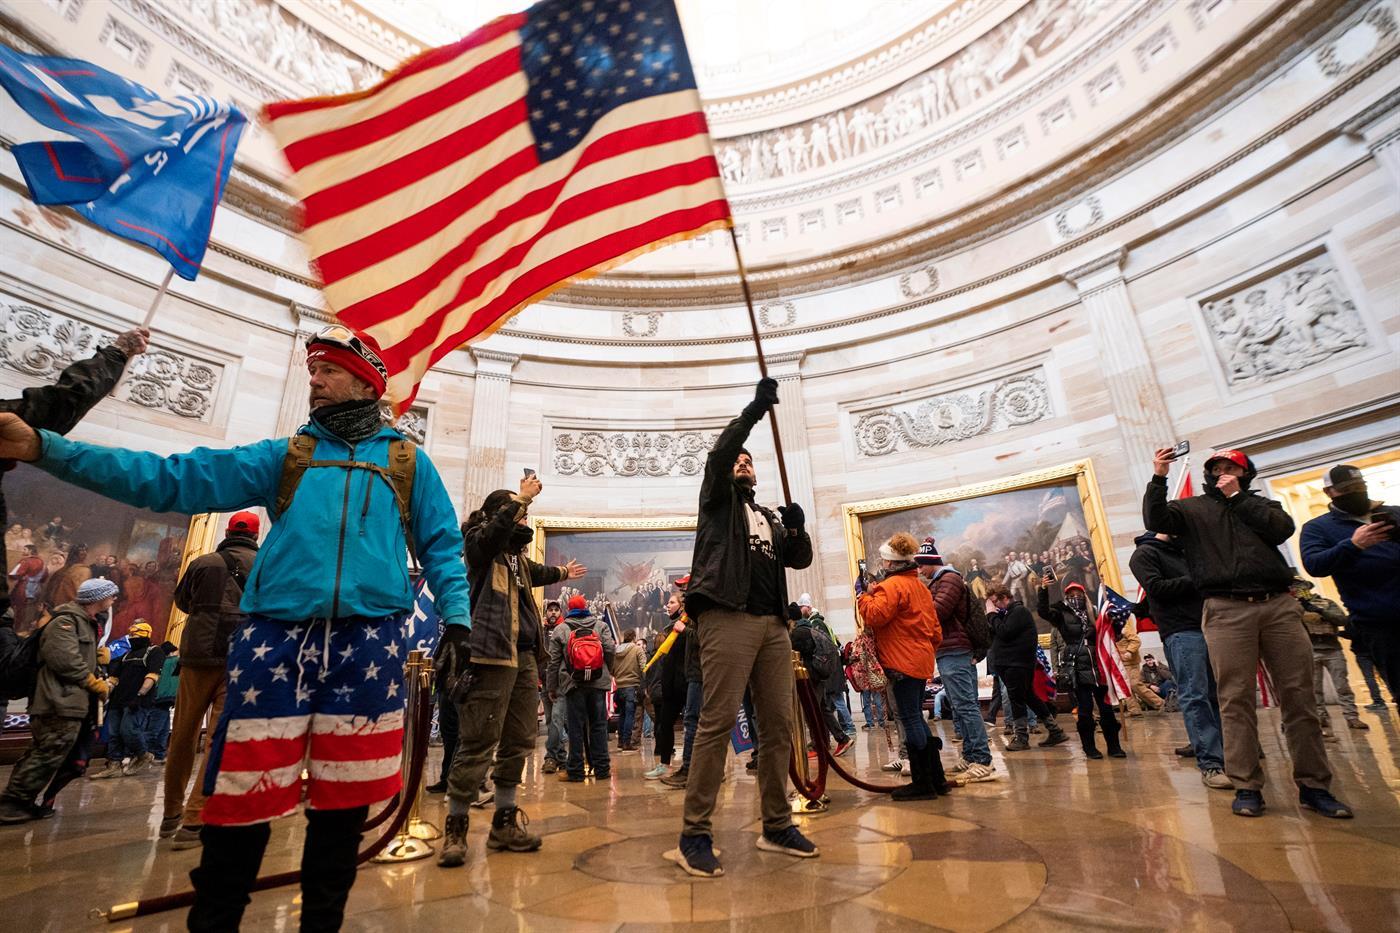 Manifestantes invadem Capitólio quando estavam a ser ratificados votos das presidenciais